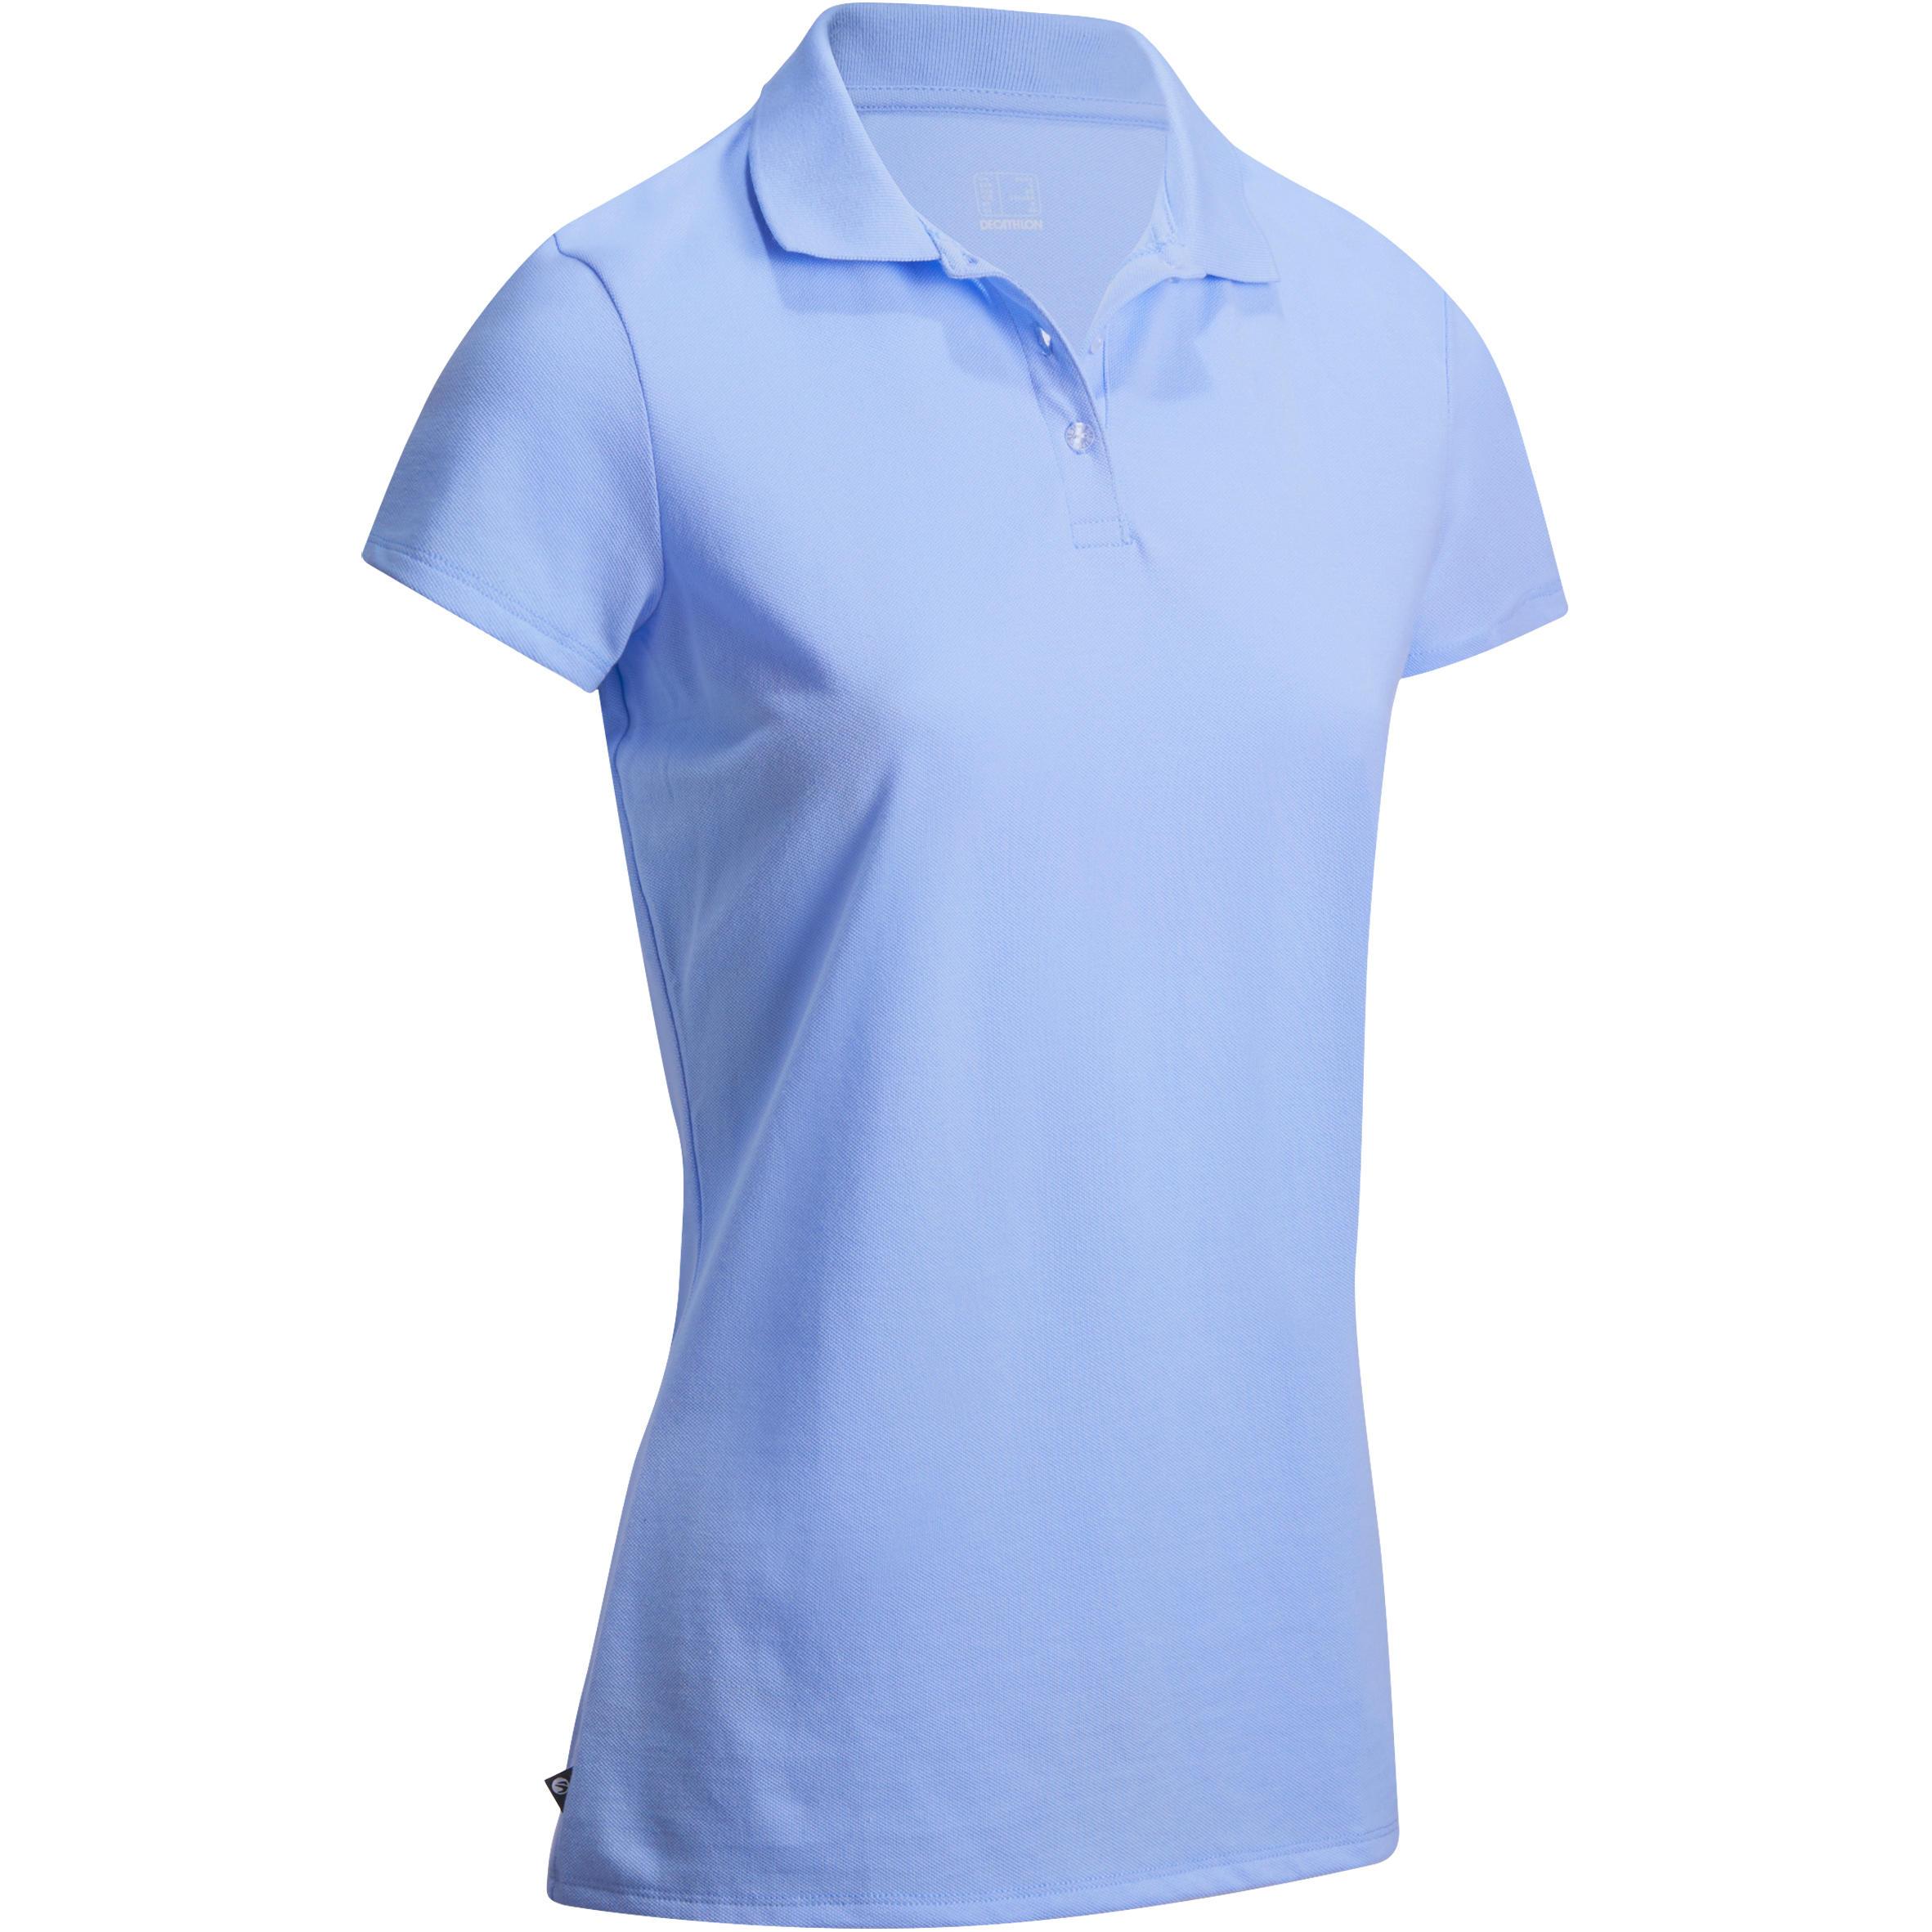 Women's Golf Polo T-Shirt 100 - Sky Blue